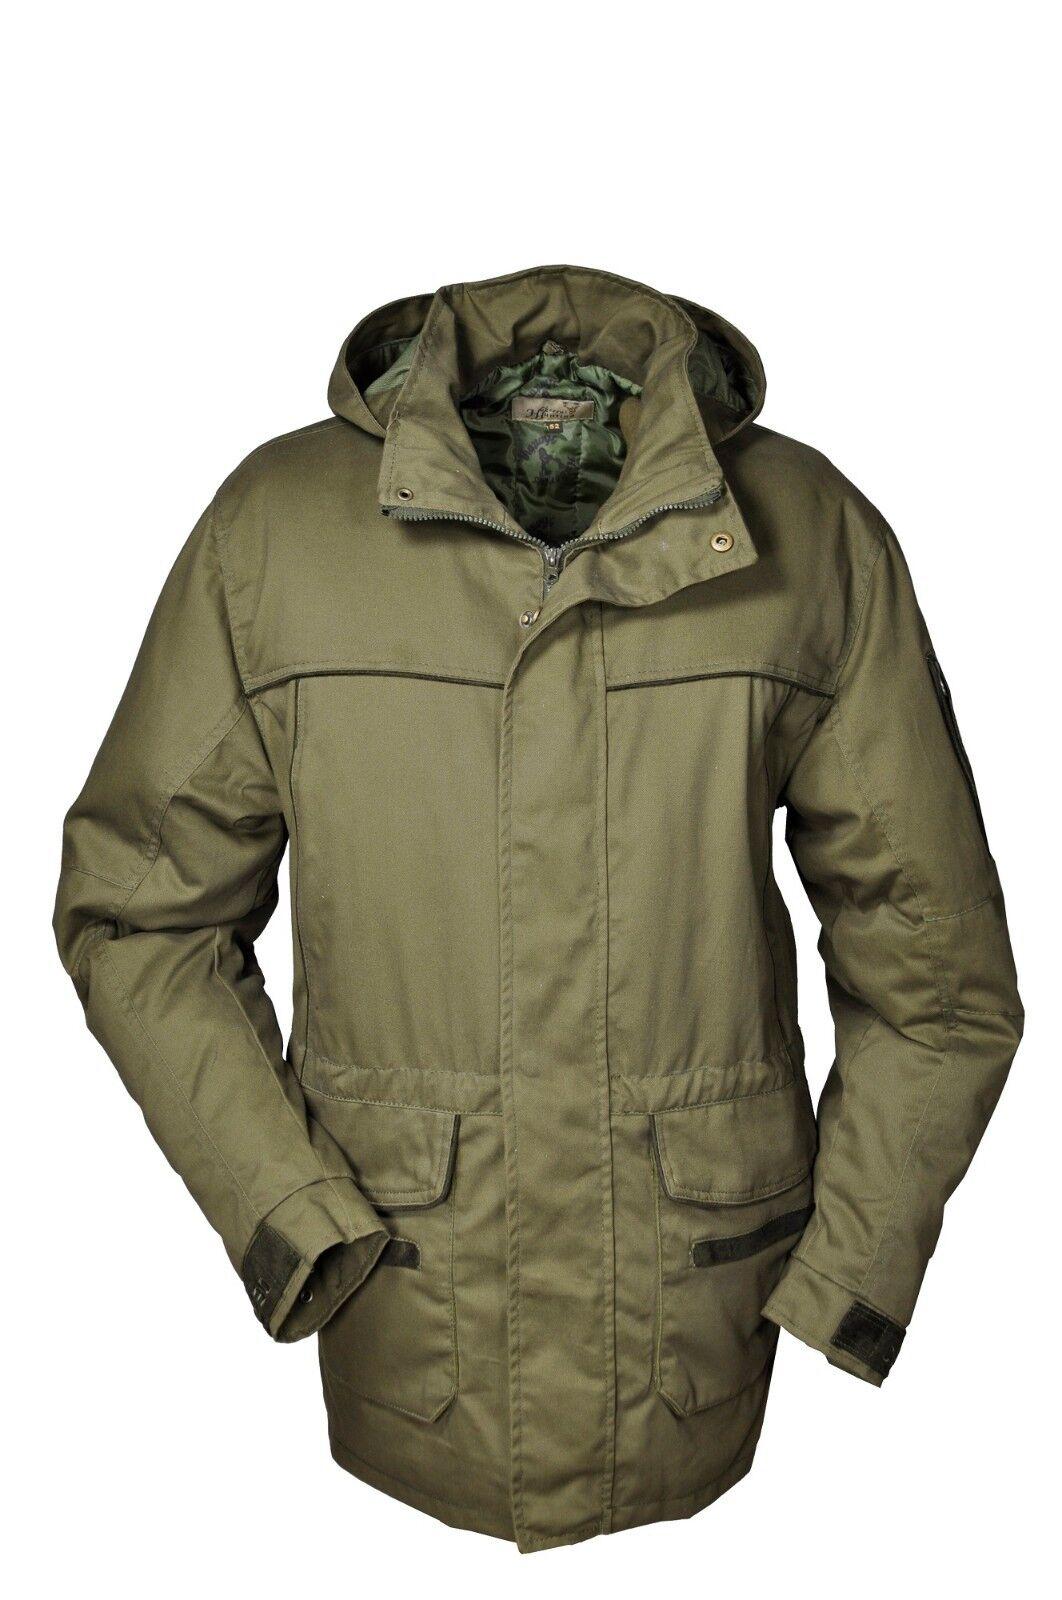 Hubertus  caza chaqueta os30tex movimiento caza pirschjagd nuevo  mejor marca